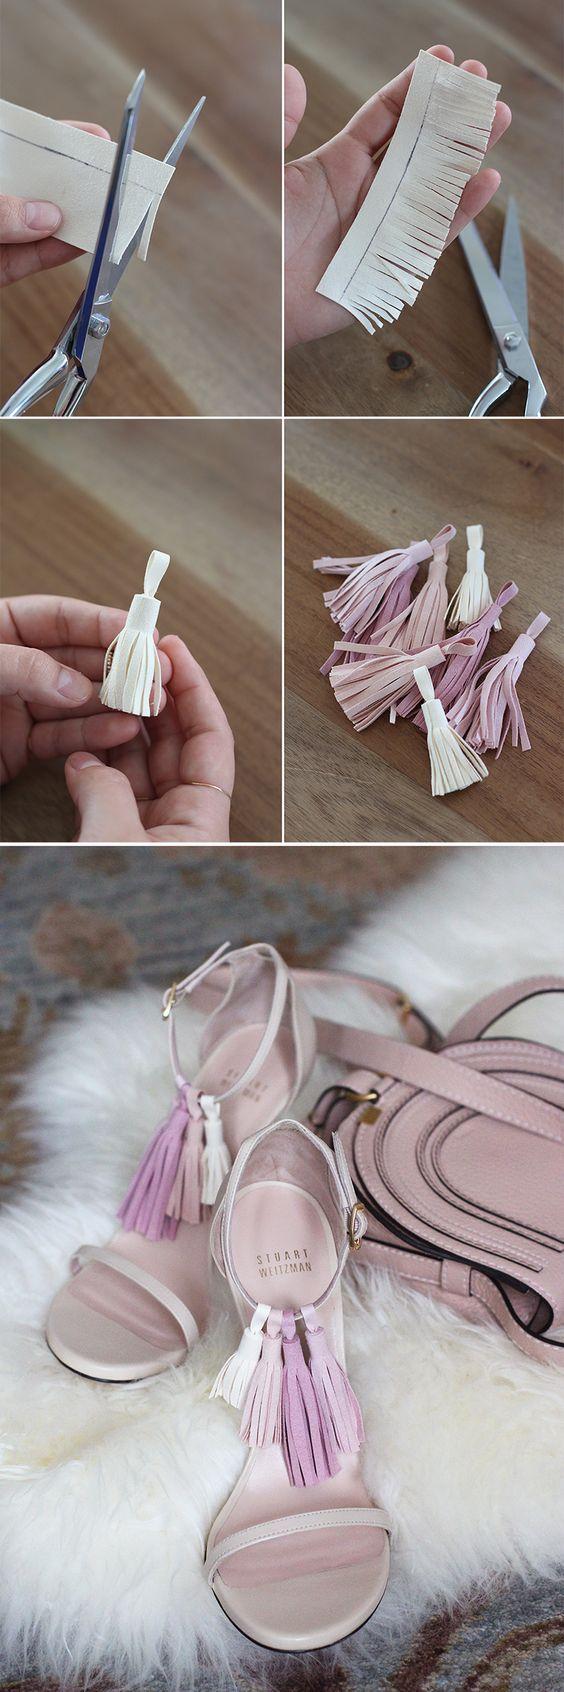 Adorn strappy sandals with interchangeable tassels. DIY Tassel Sandals.: